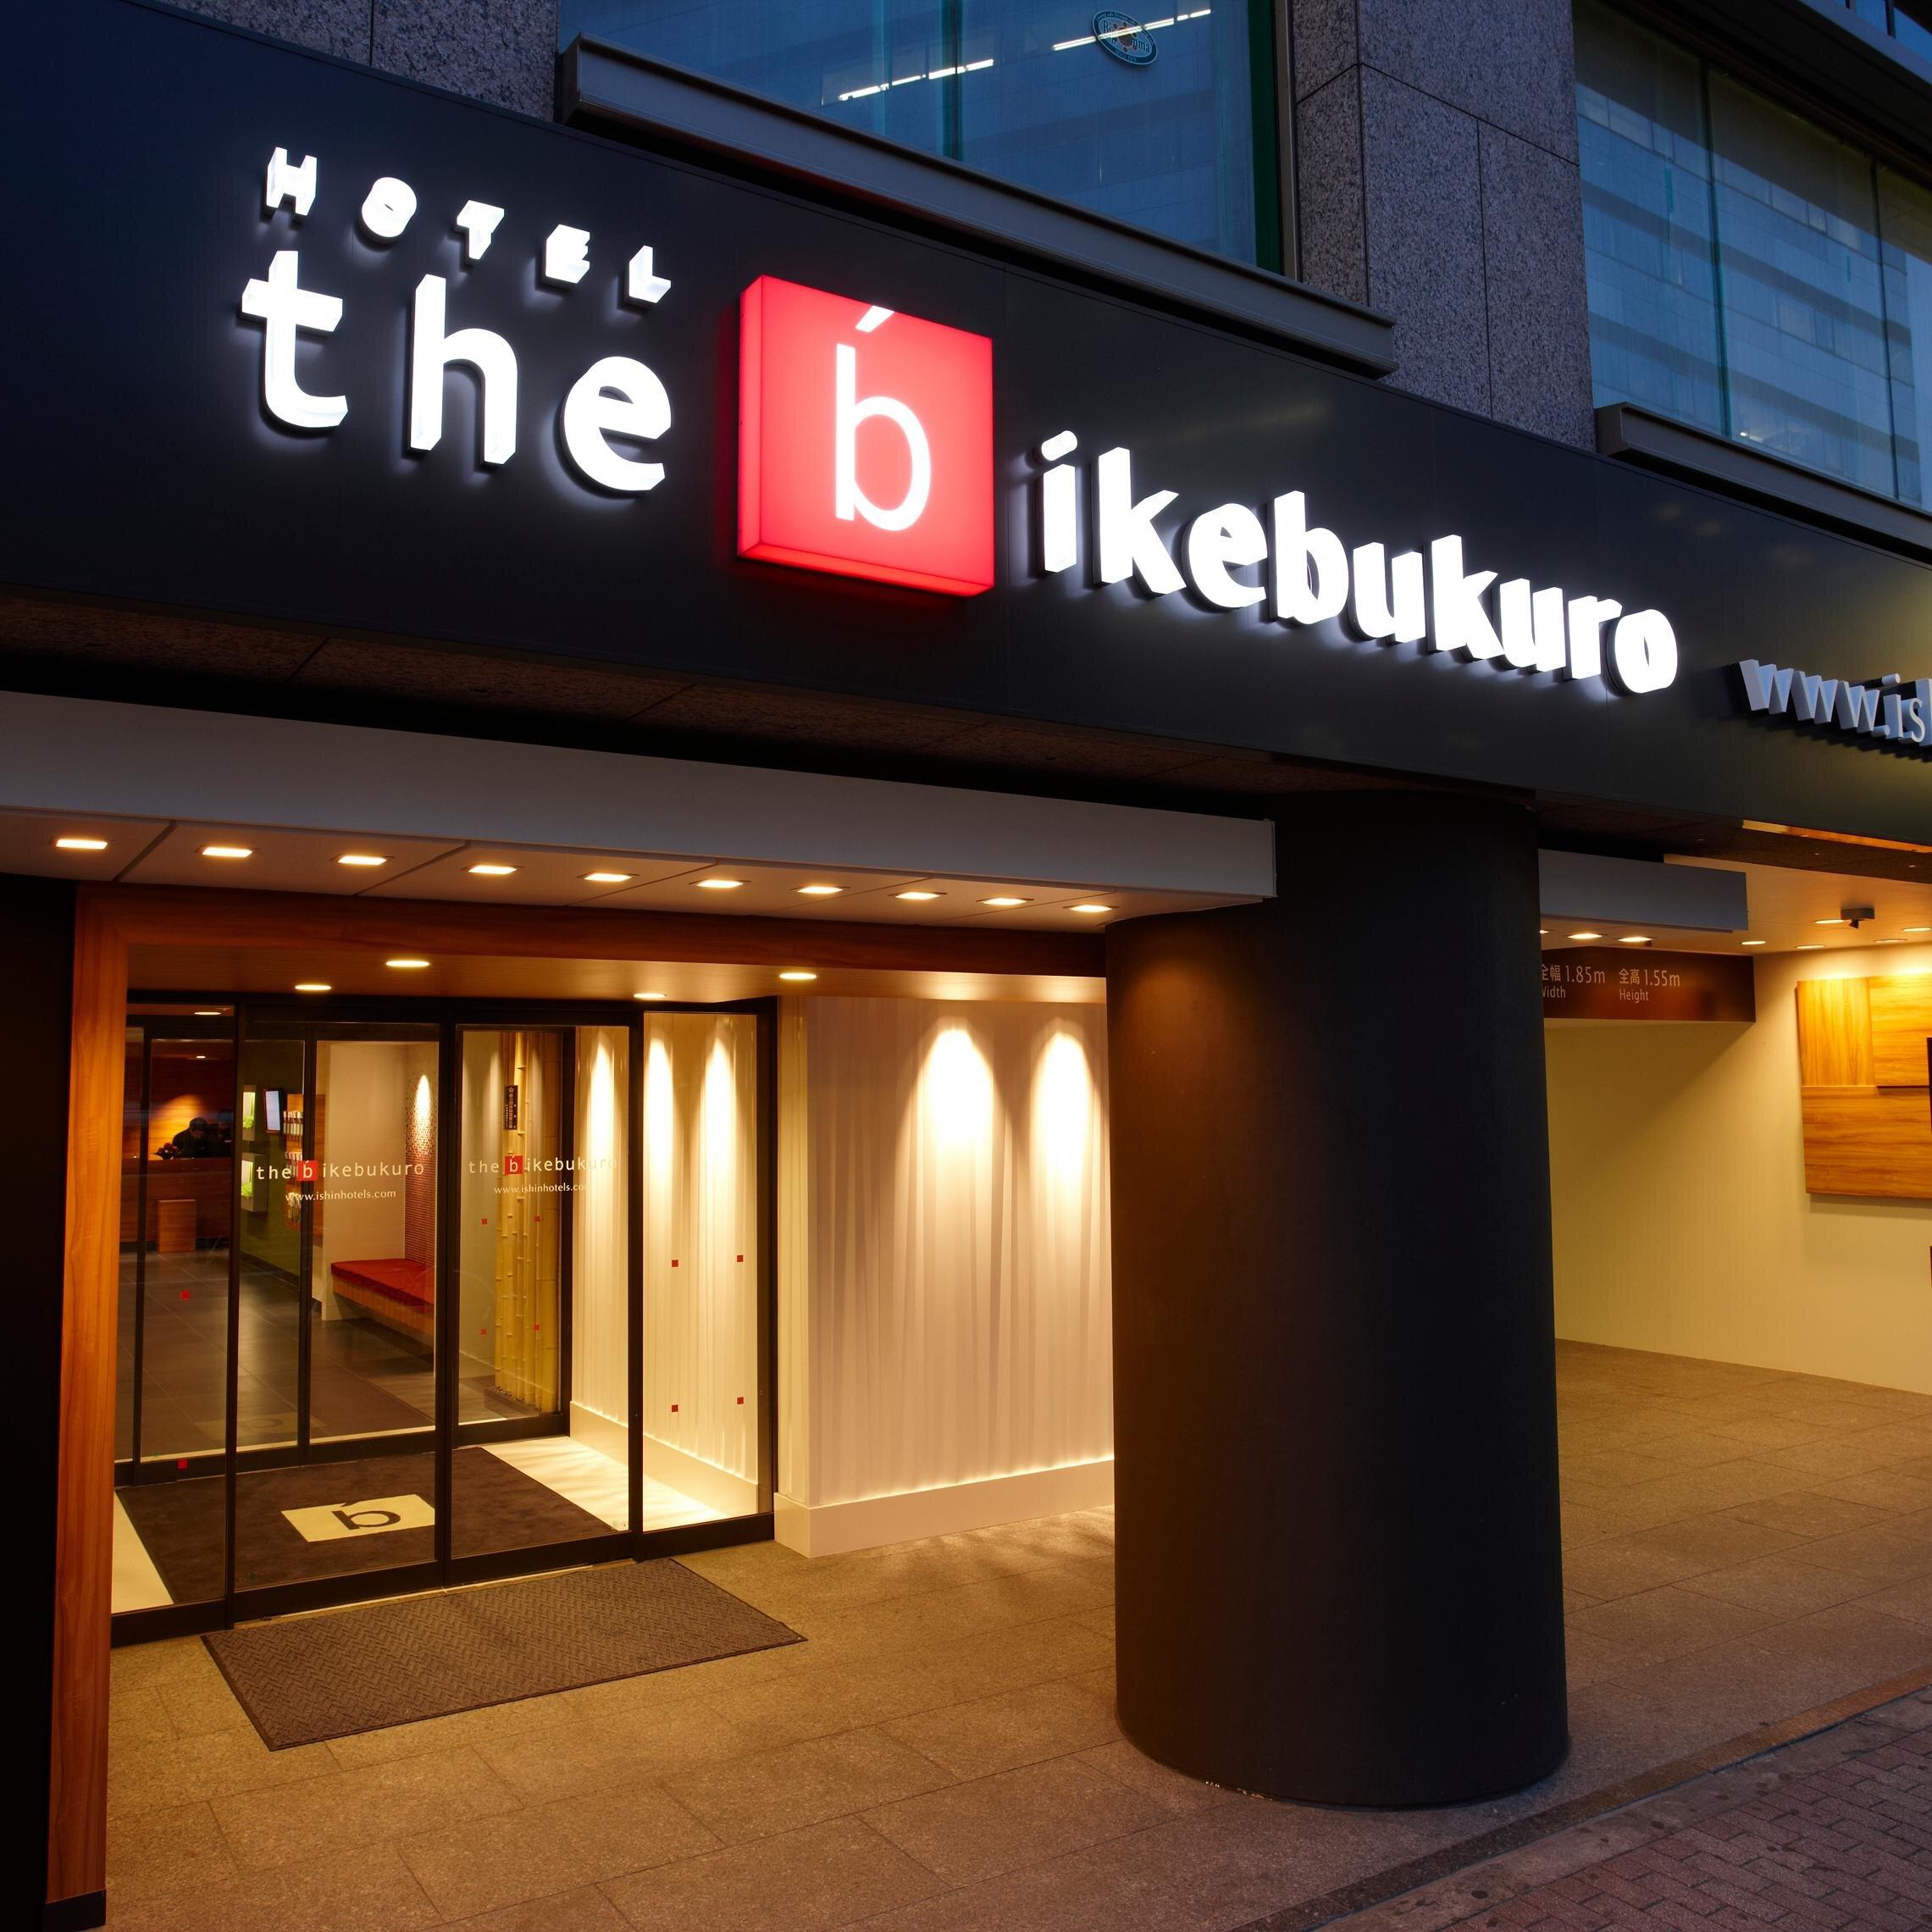 @thebikebukuro